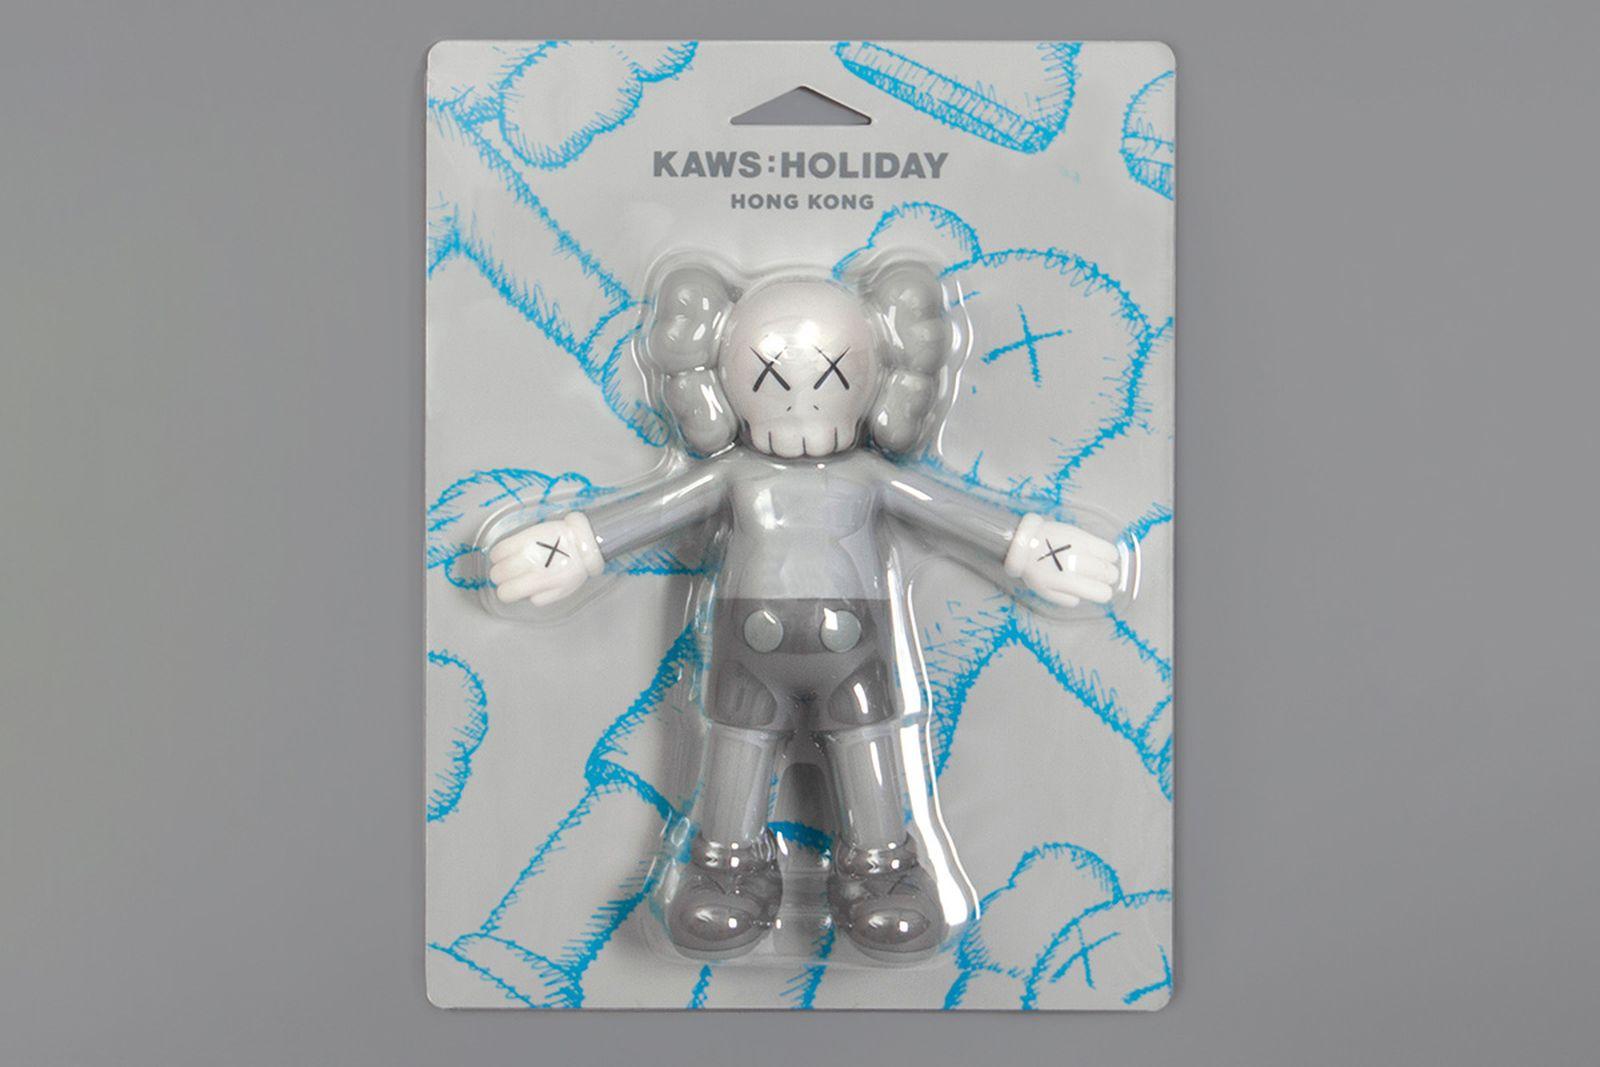 kaws holiday hong kong allrightsreserved